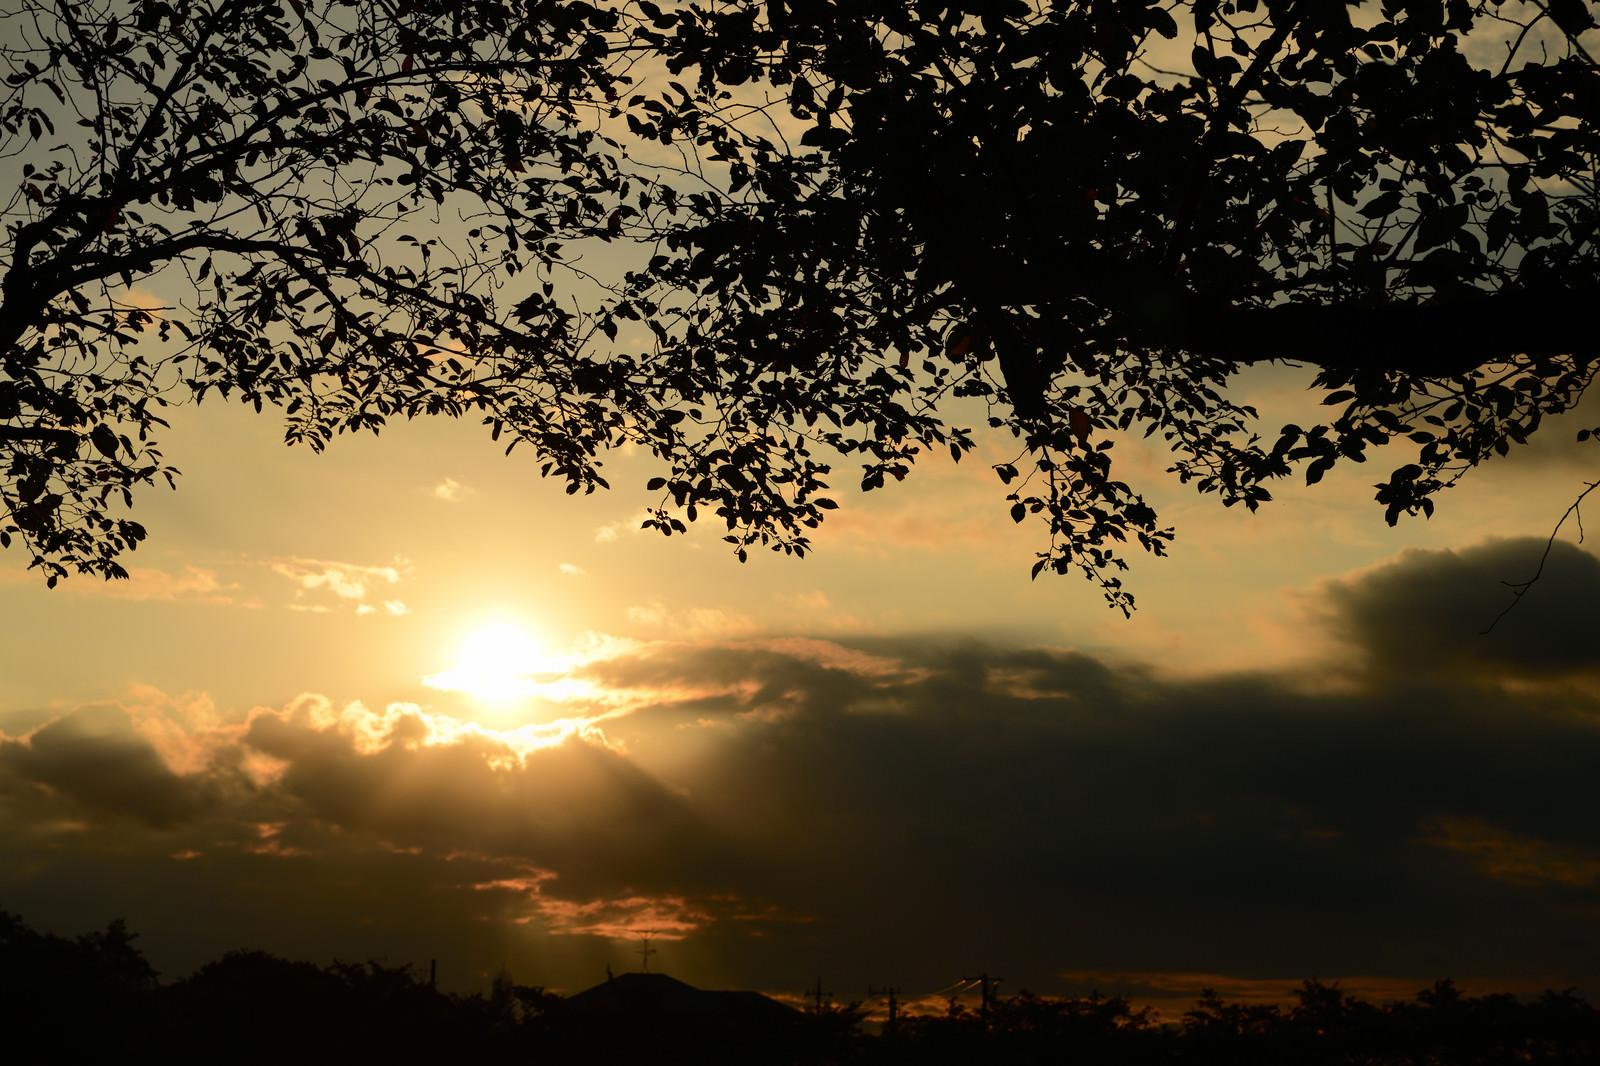 「夕暮れの風景」の写真